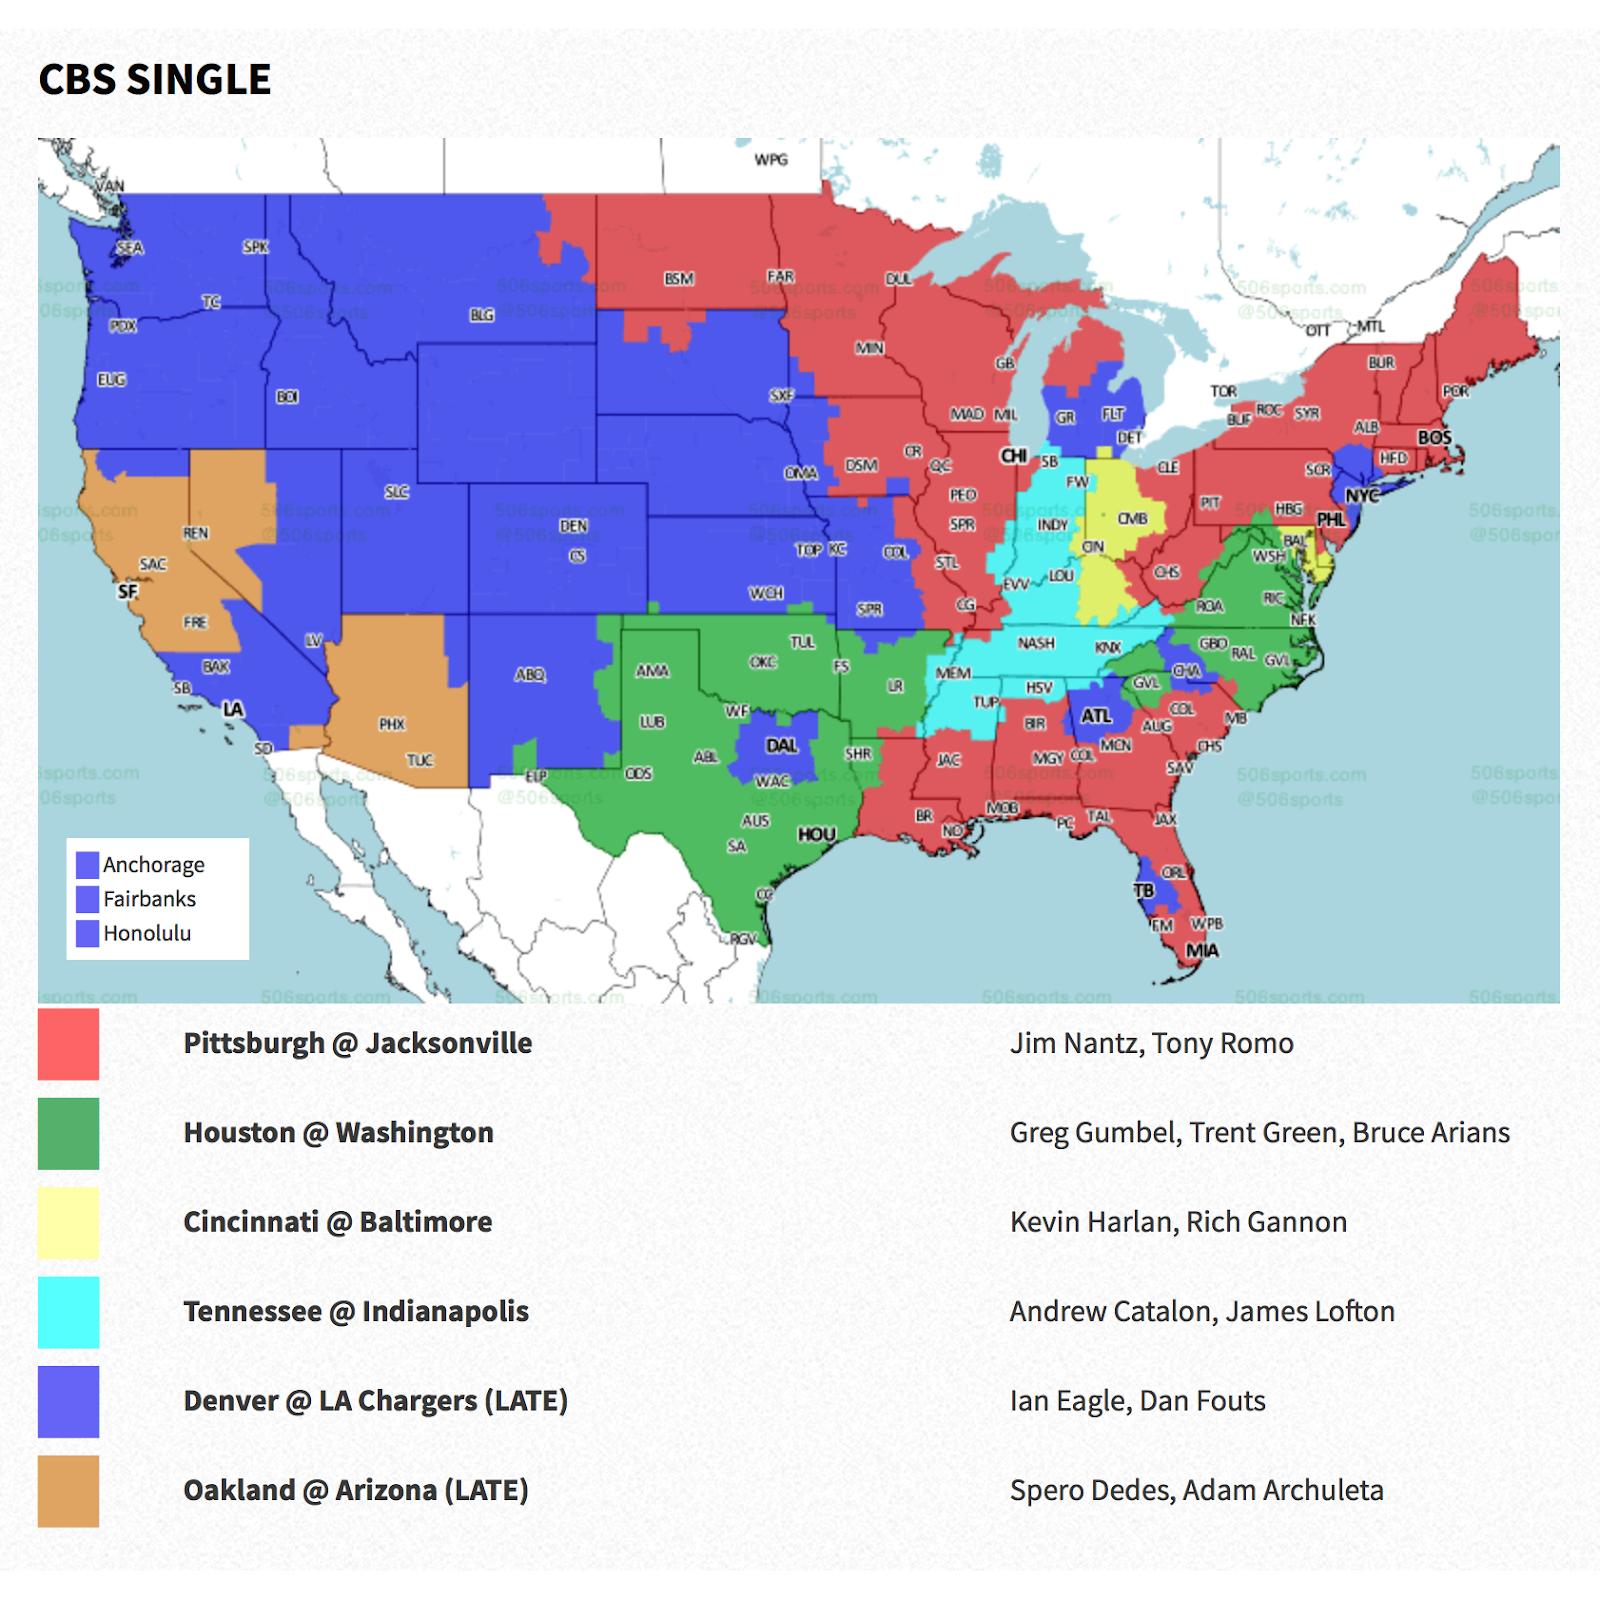 PACKERVILLE, U.S.A.: 2018 Week 11 NFL TV Maps